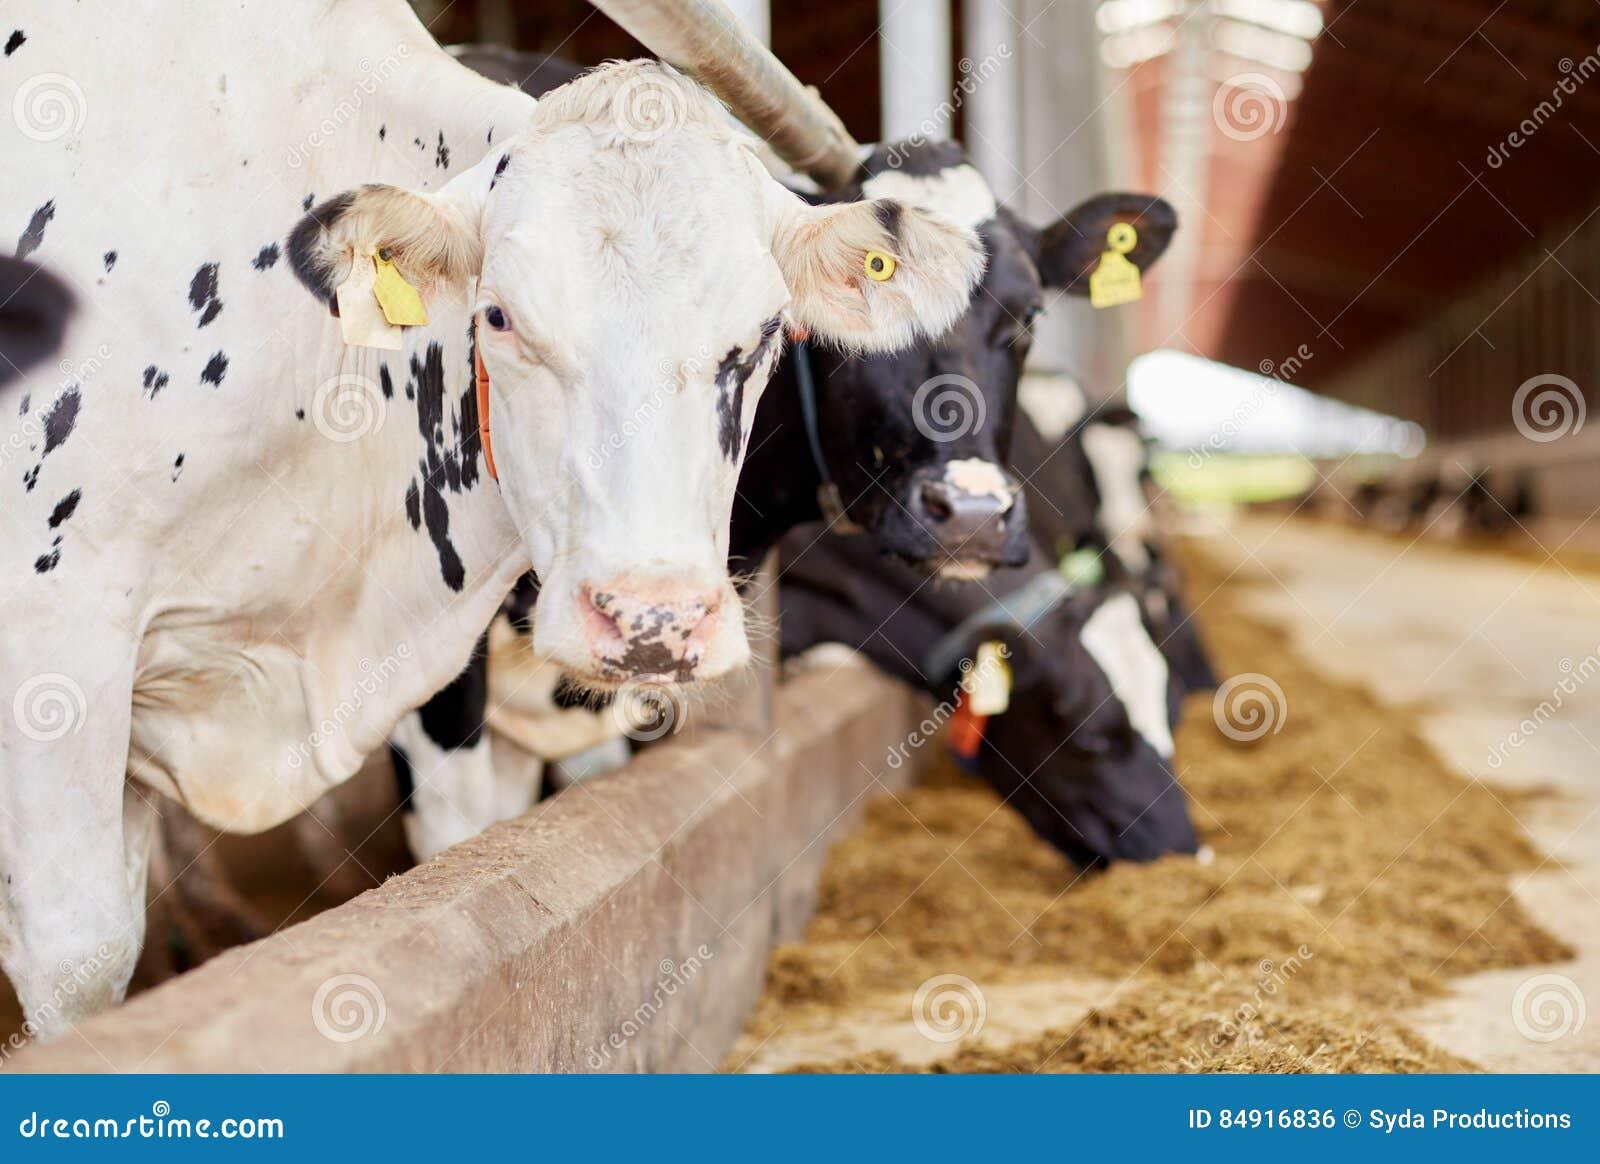 Κοπάδι των αγελάδων που τρώνε το σανό στο σταύλο στο γαλακτοκομικό αγρόκτημα